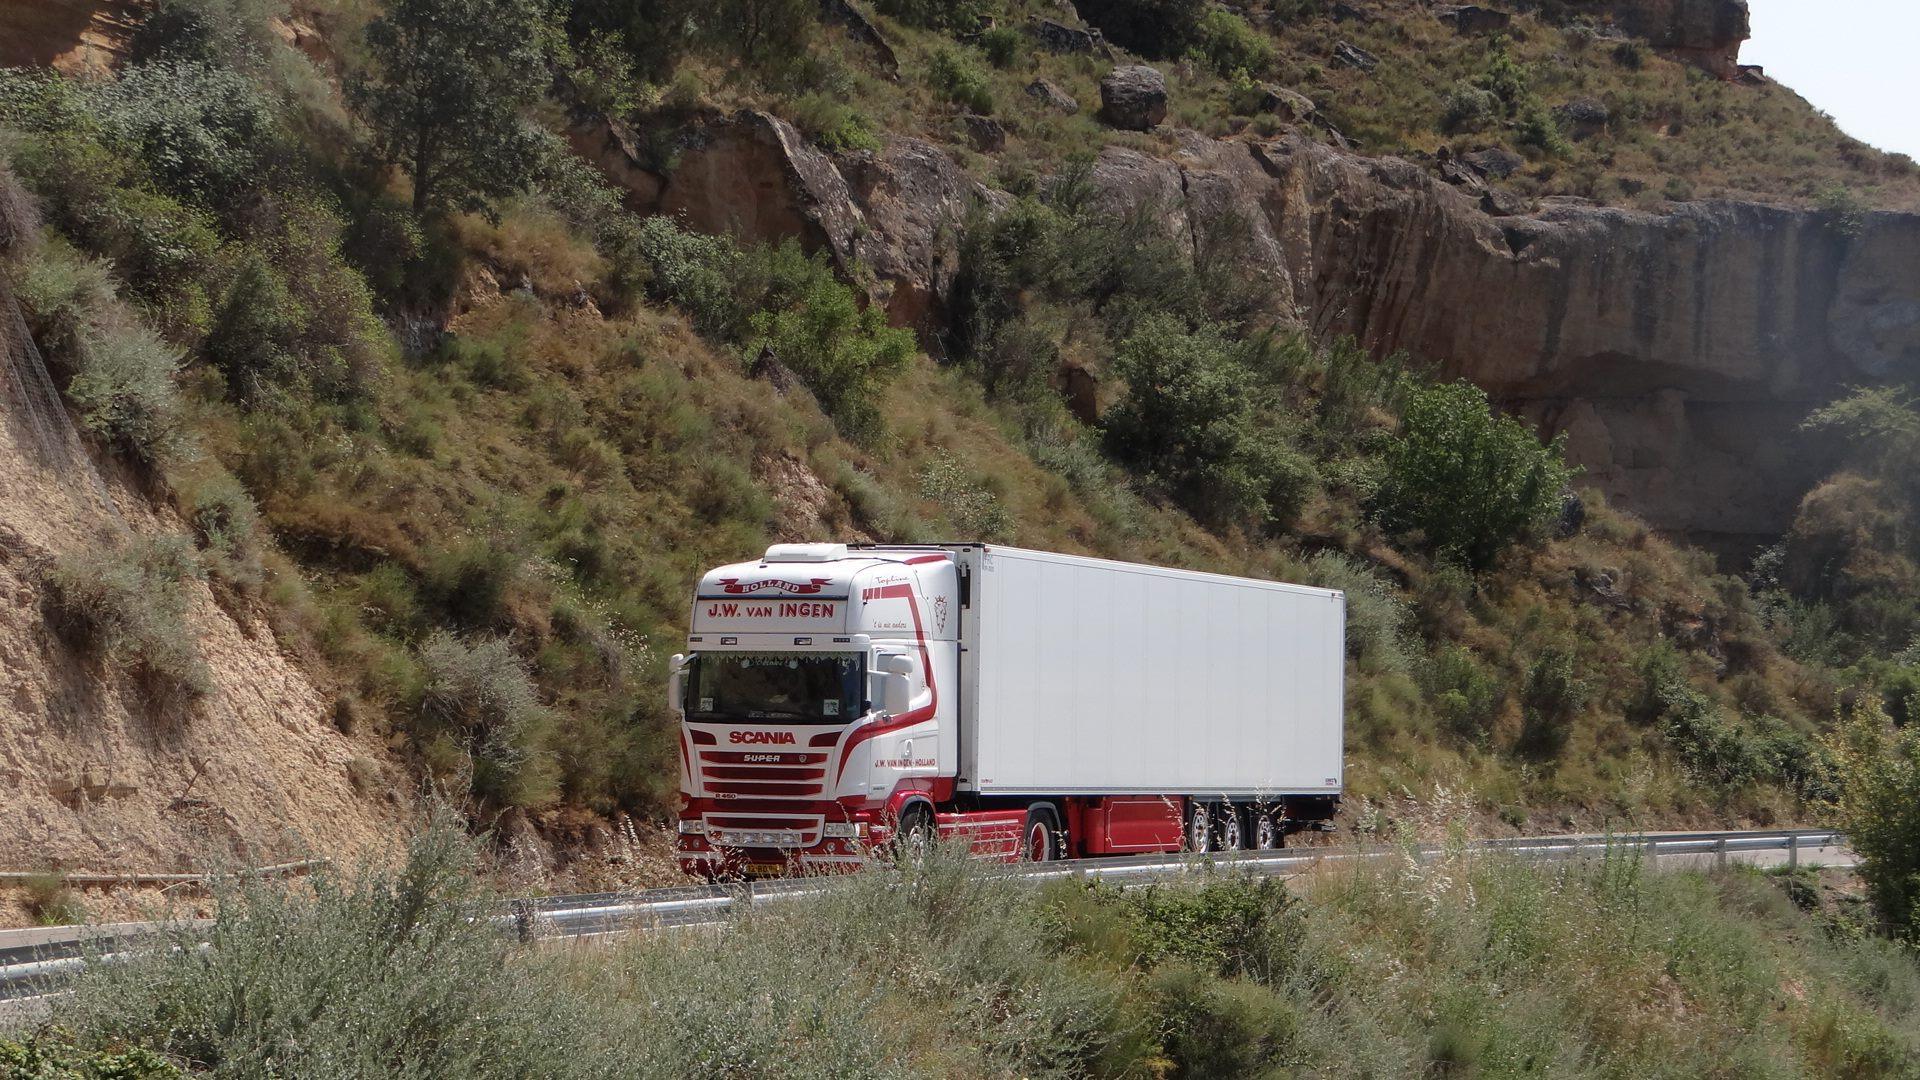 Scania-op-weg-naar-Madrid-Jamie-Lee-van-Ingen--10-9-2015